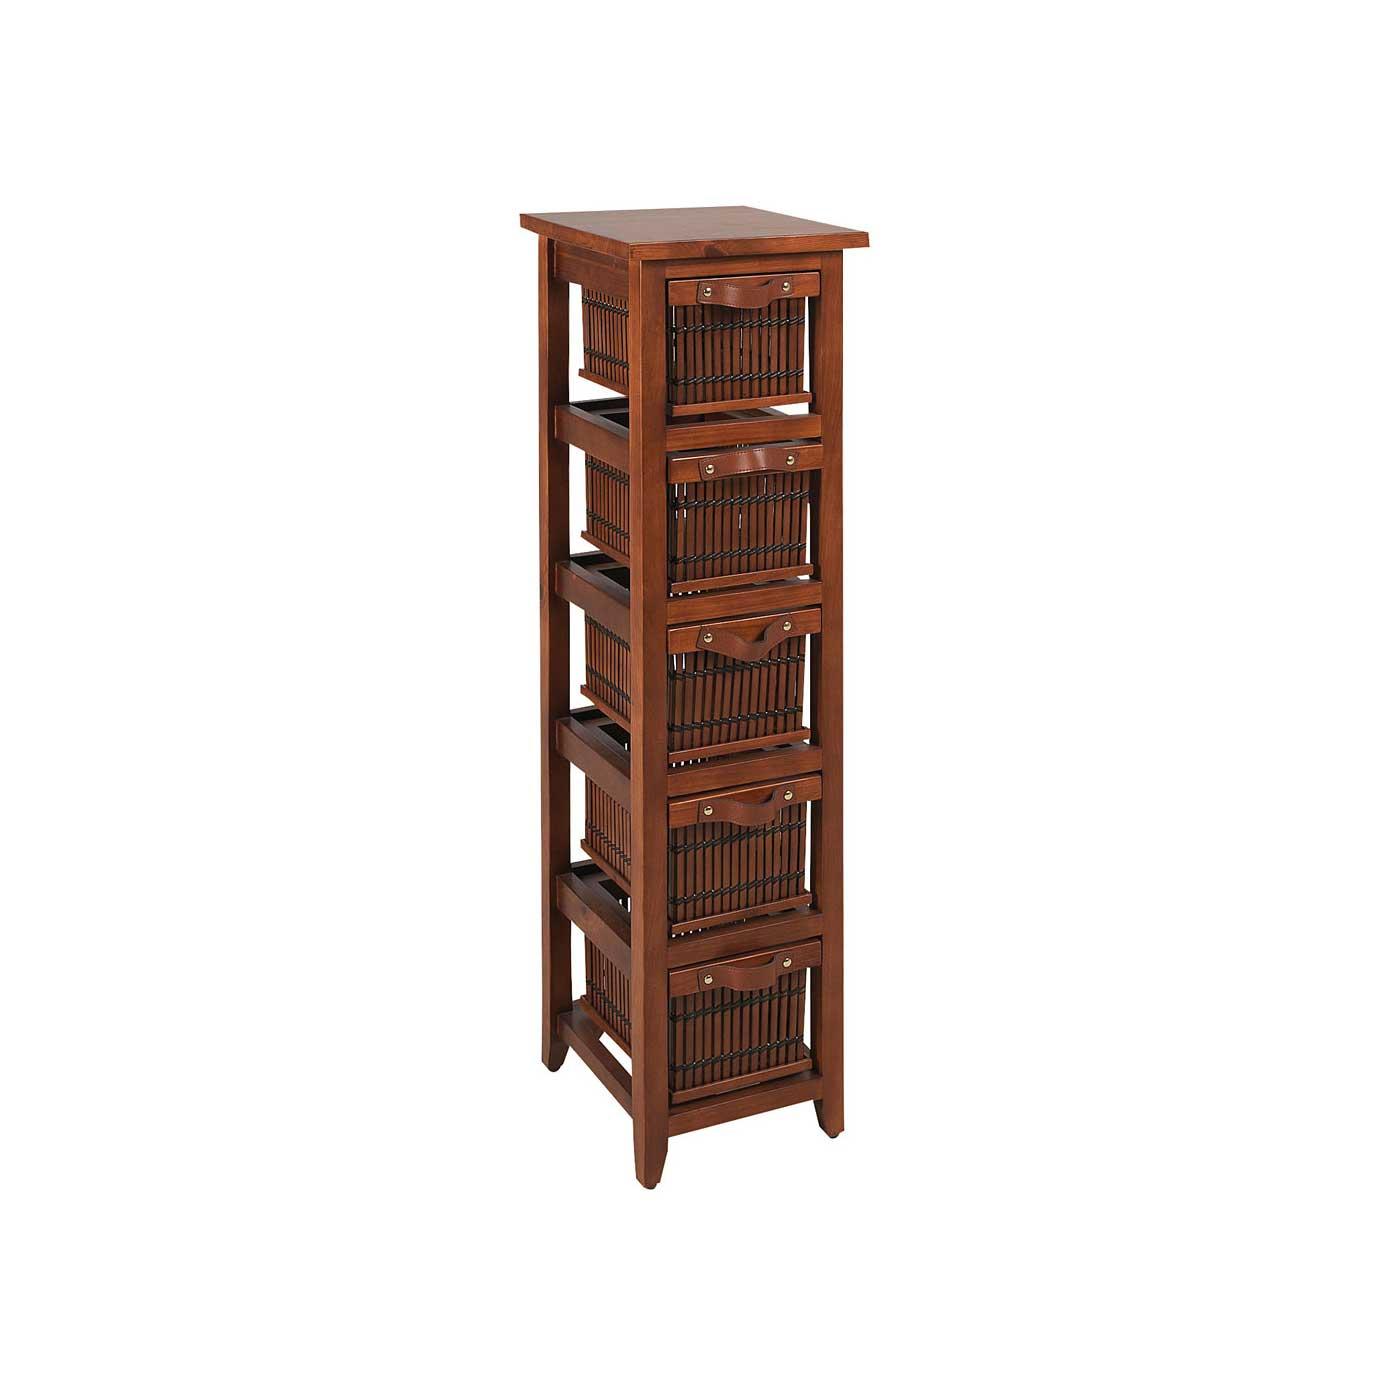 chiffonnier colonne dvd en bambou et bois pin 5 tiroirs 4335. Black Bedroom Furniture Sets. Home Design Ideas